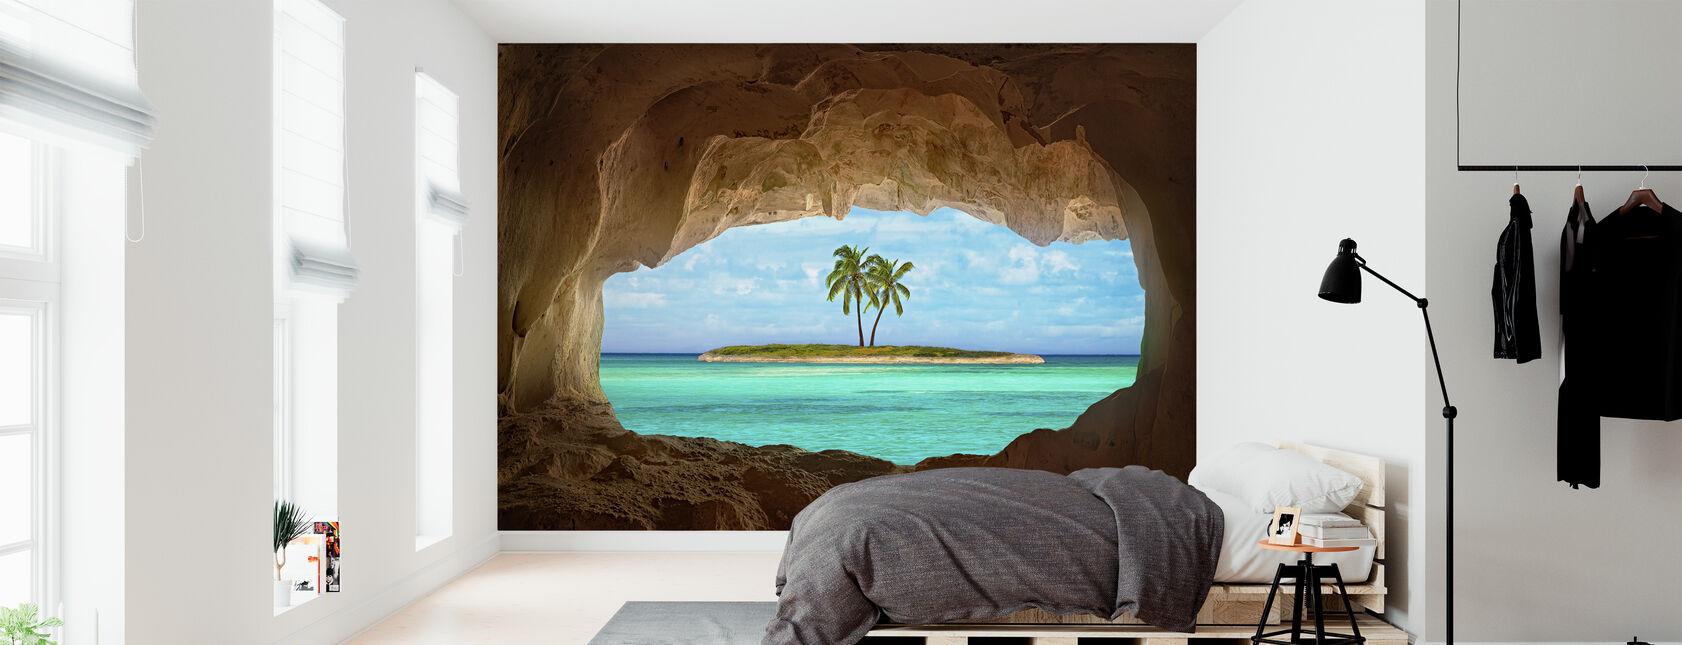 Paradijs door raam - Behang - Slaapkamer